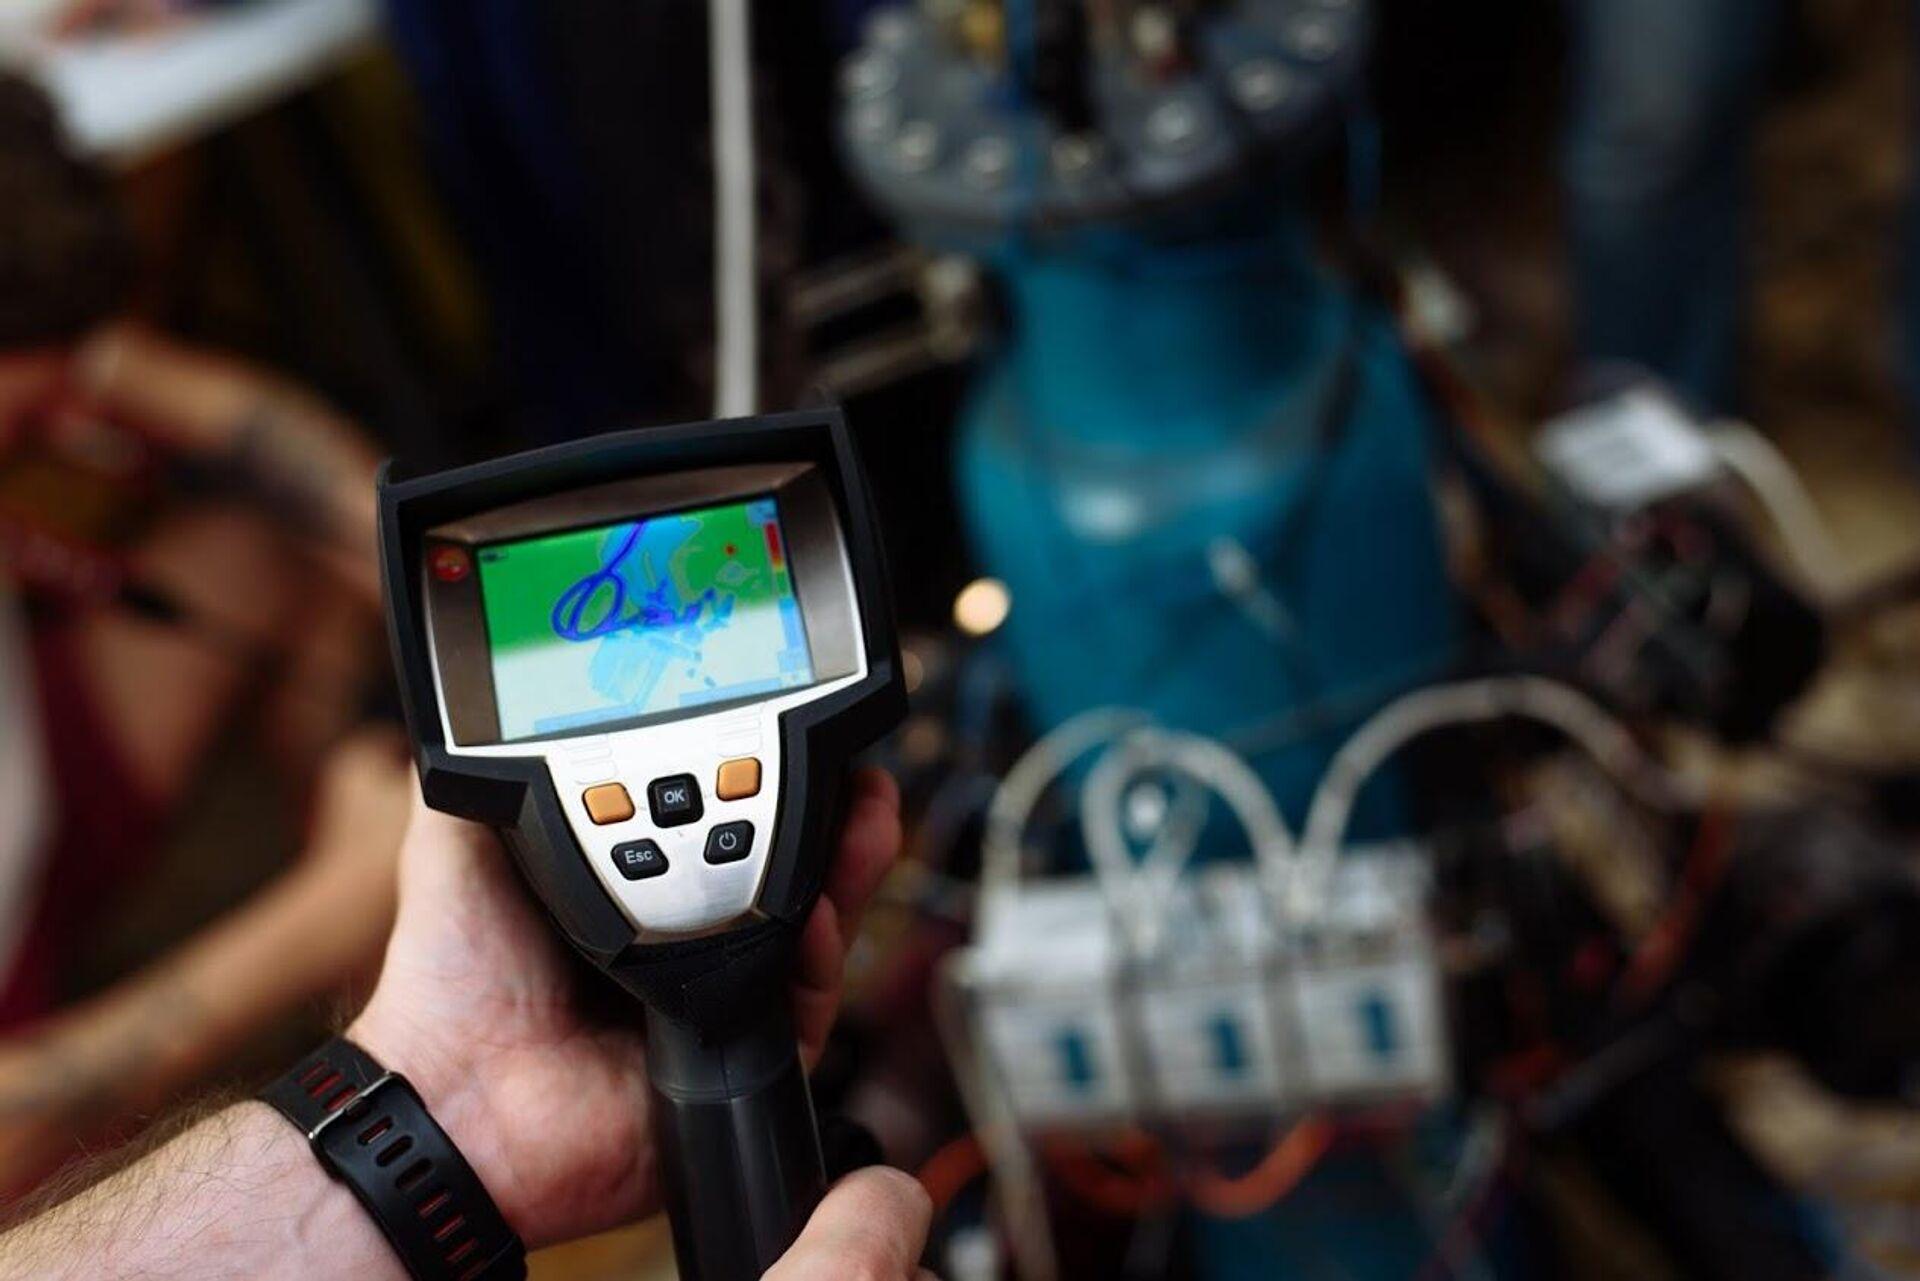 Измерение с помощью тепловизора уровня нагрева элементов установки  - РИА Новости, 1920, 26.03.2021